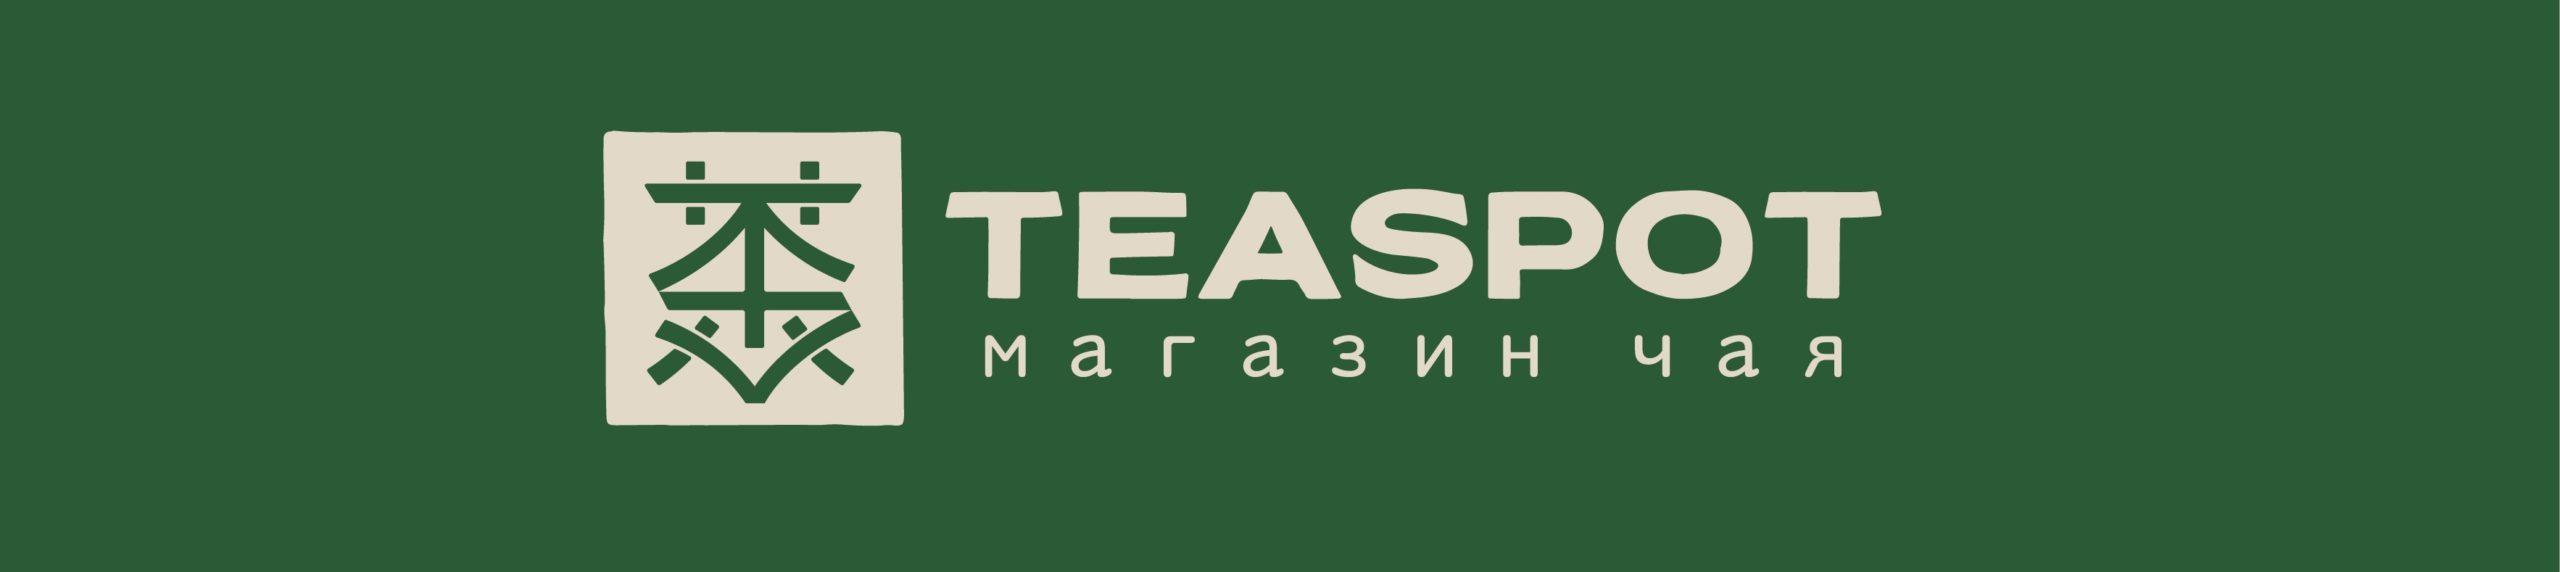 Чайный магазин TeaSpot